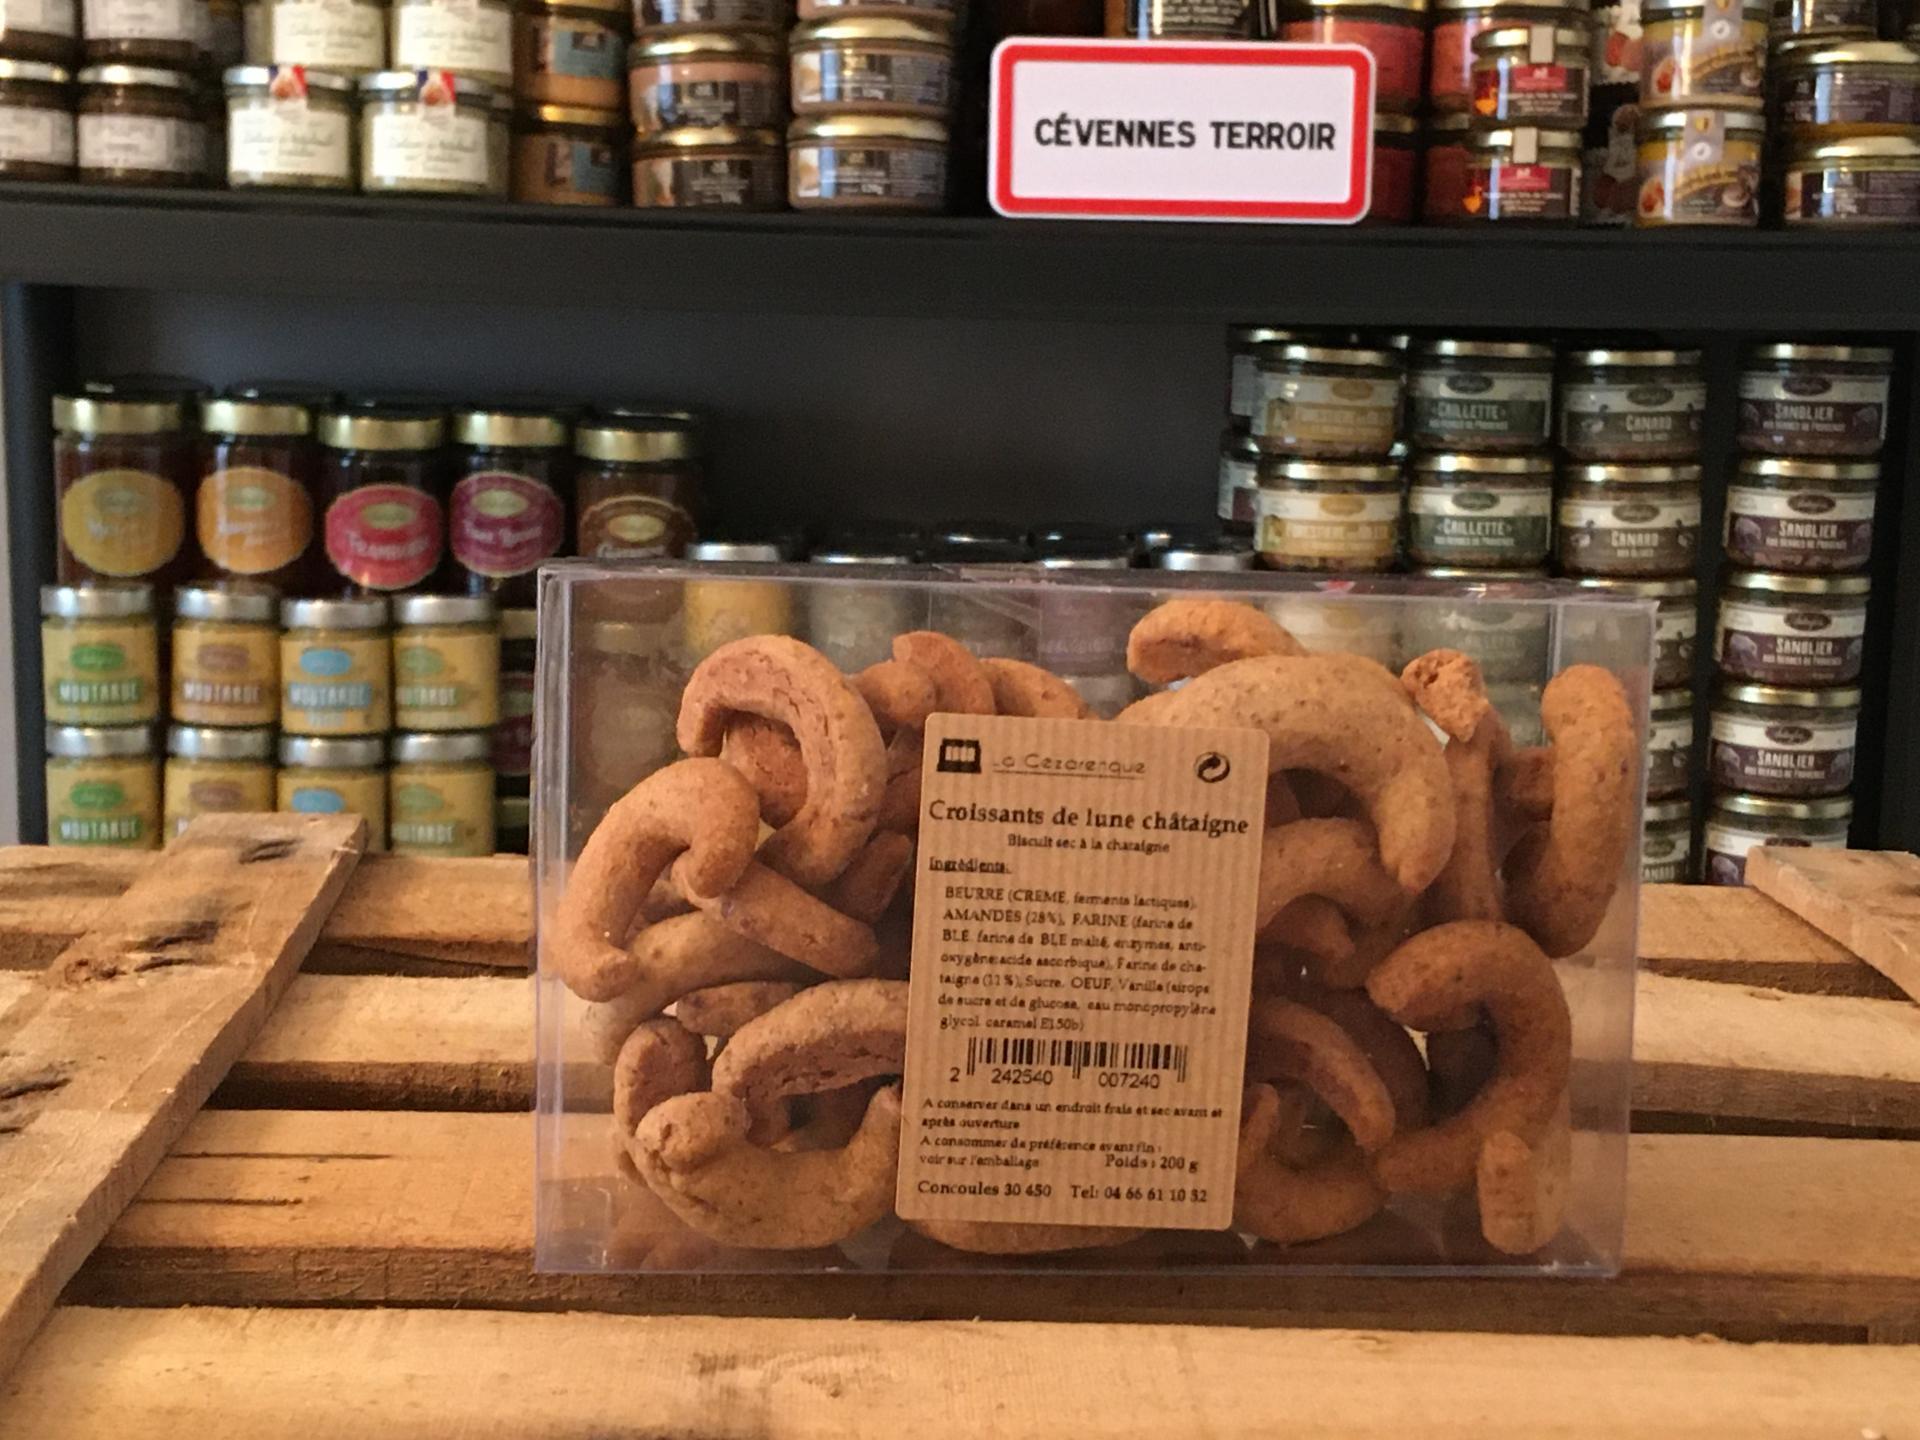 Biscuits croissant chataignes 200g esat la cezarenque en cevennes concoules